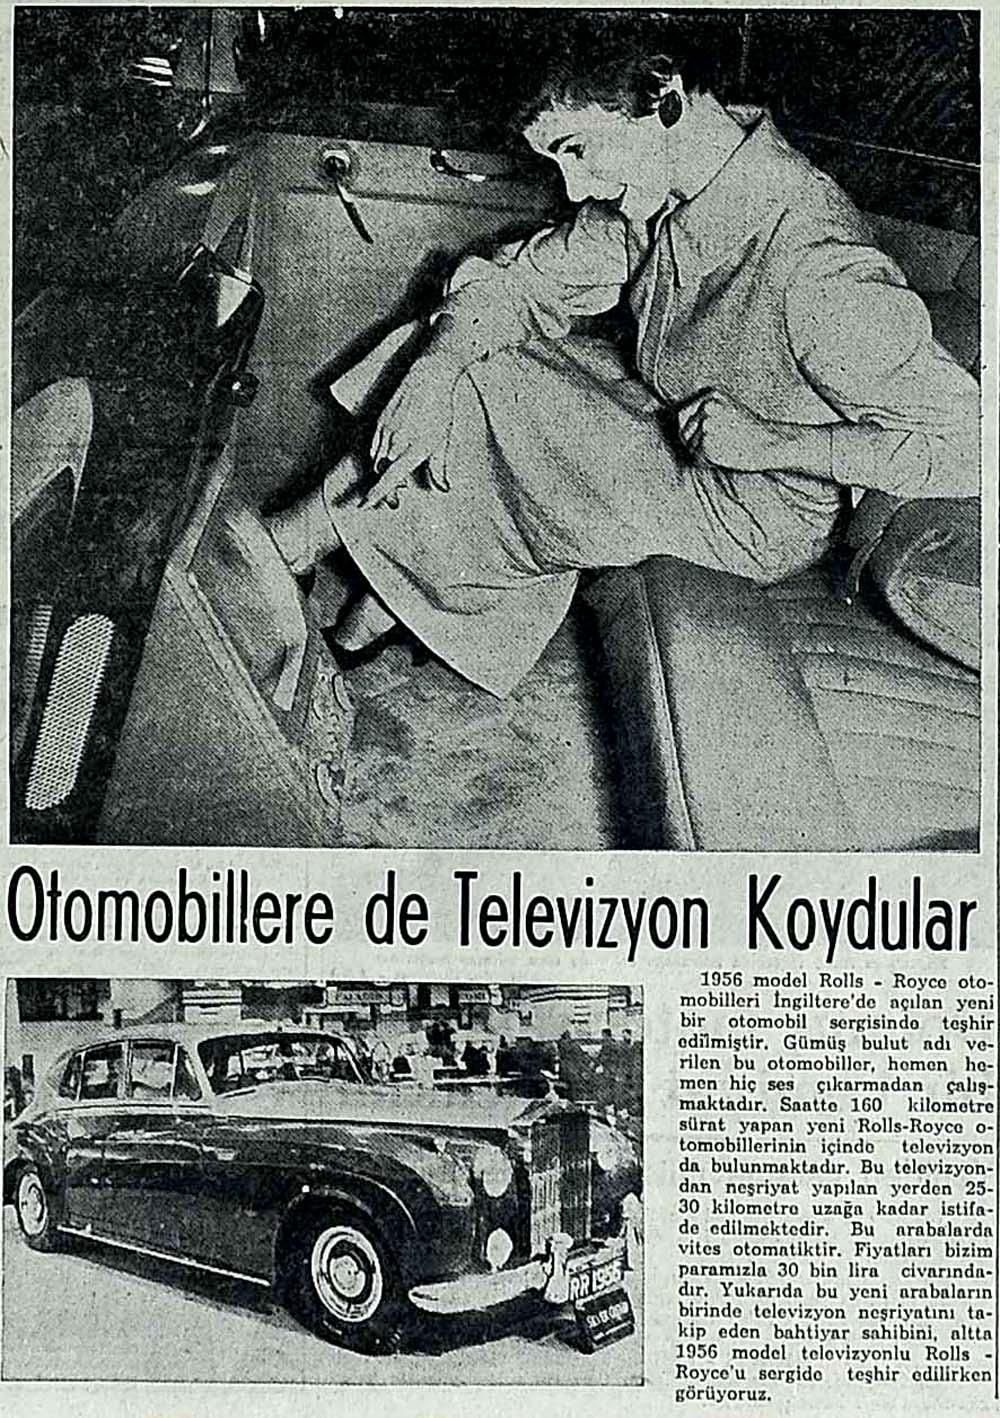 Otomobillere de Televizyon Koydular